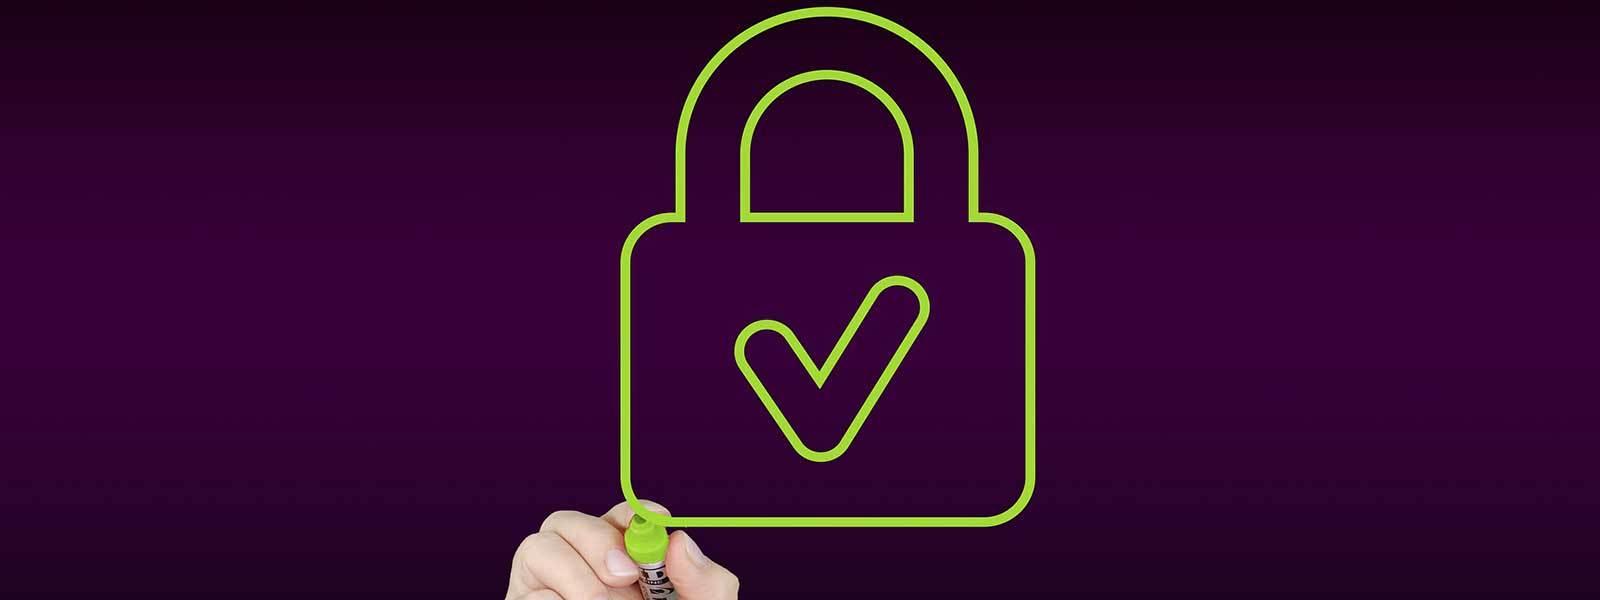 Cosa deve fare un'azienda per adeguarsi alle norme privacy nell'era del Covid-19?